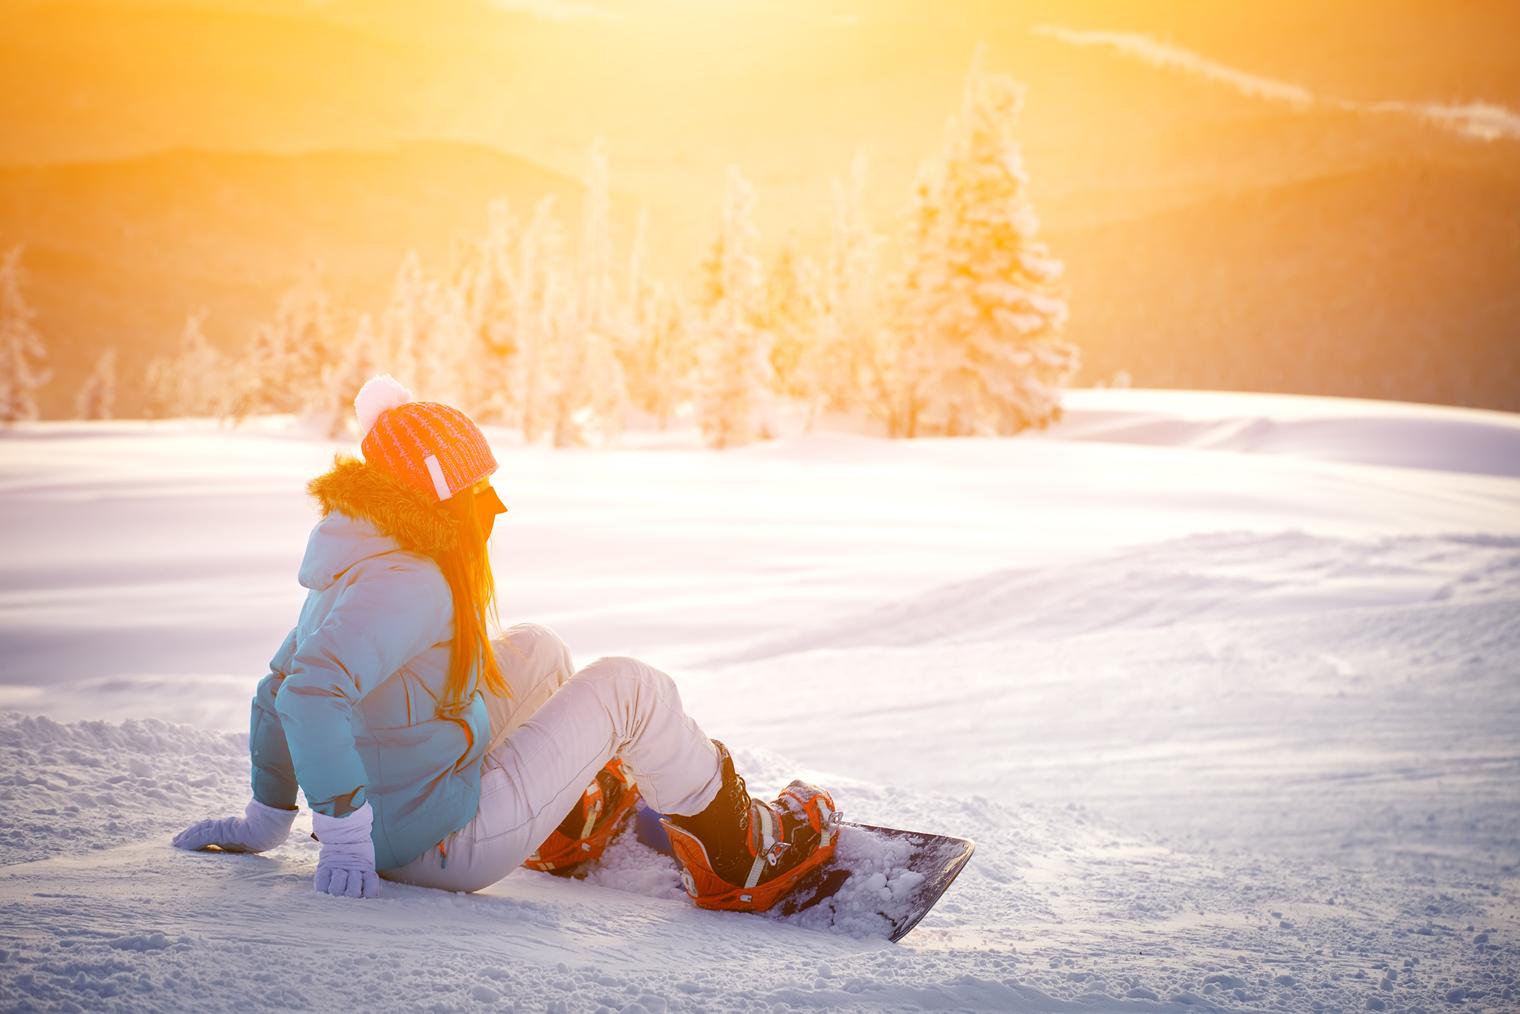 Avantages et risques de la planche à neige